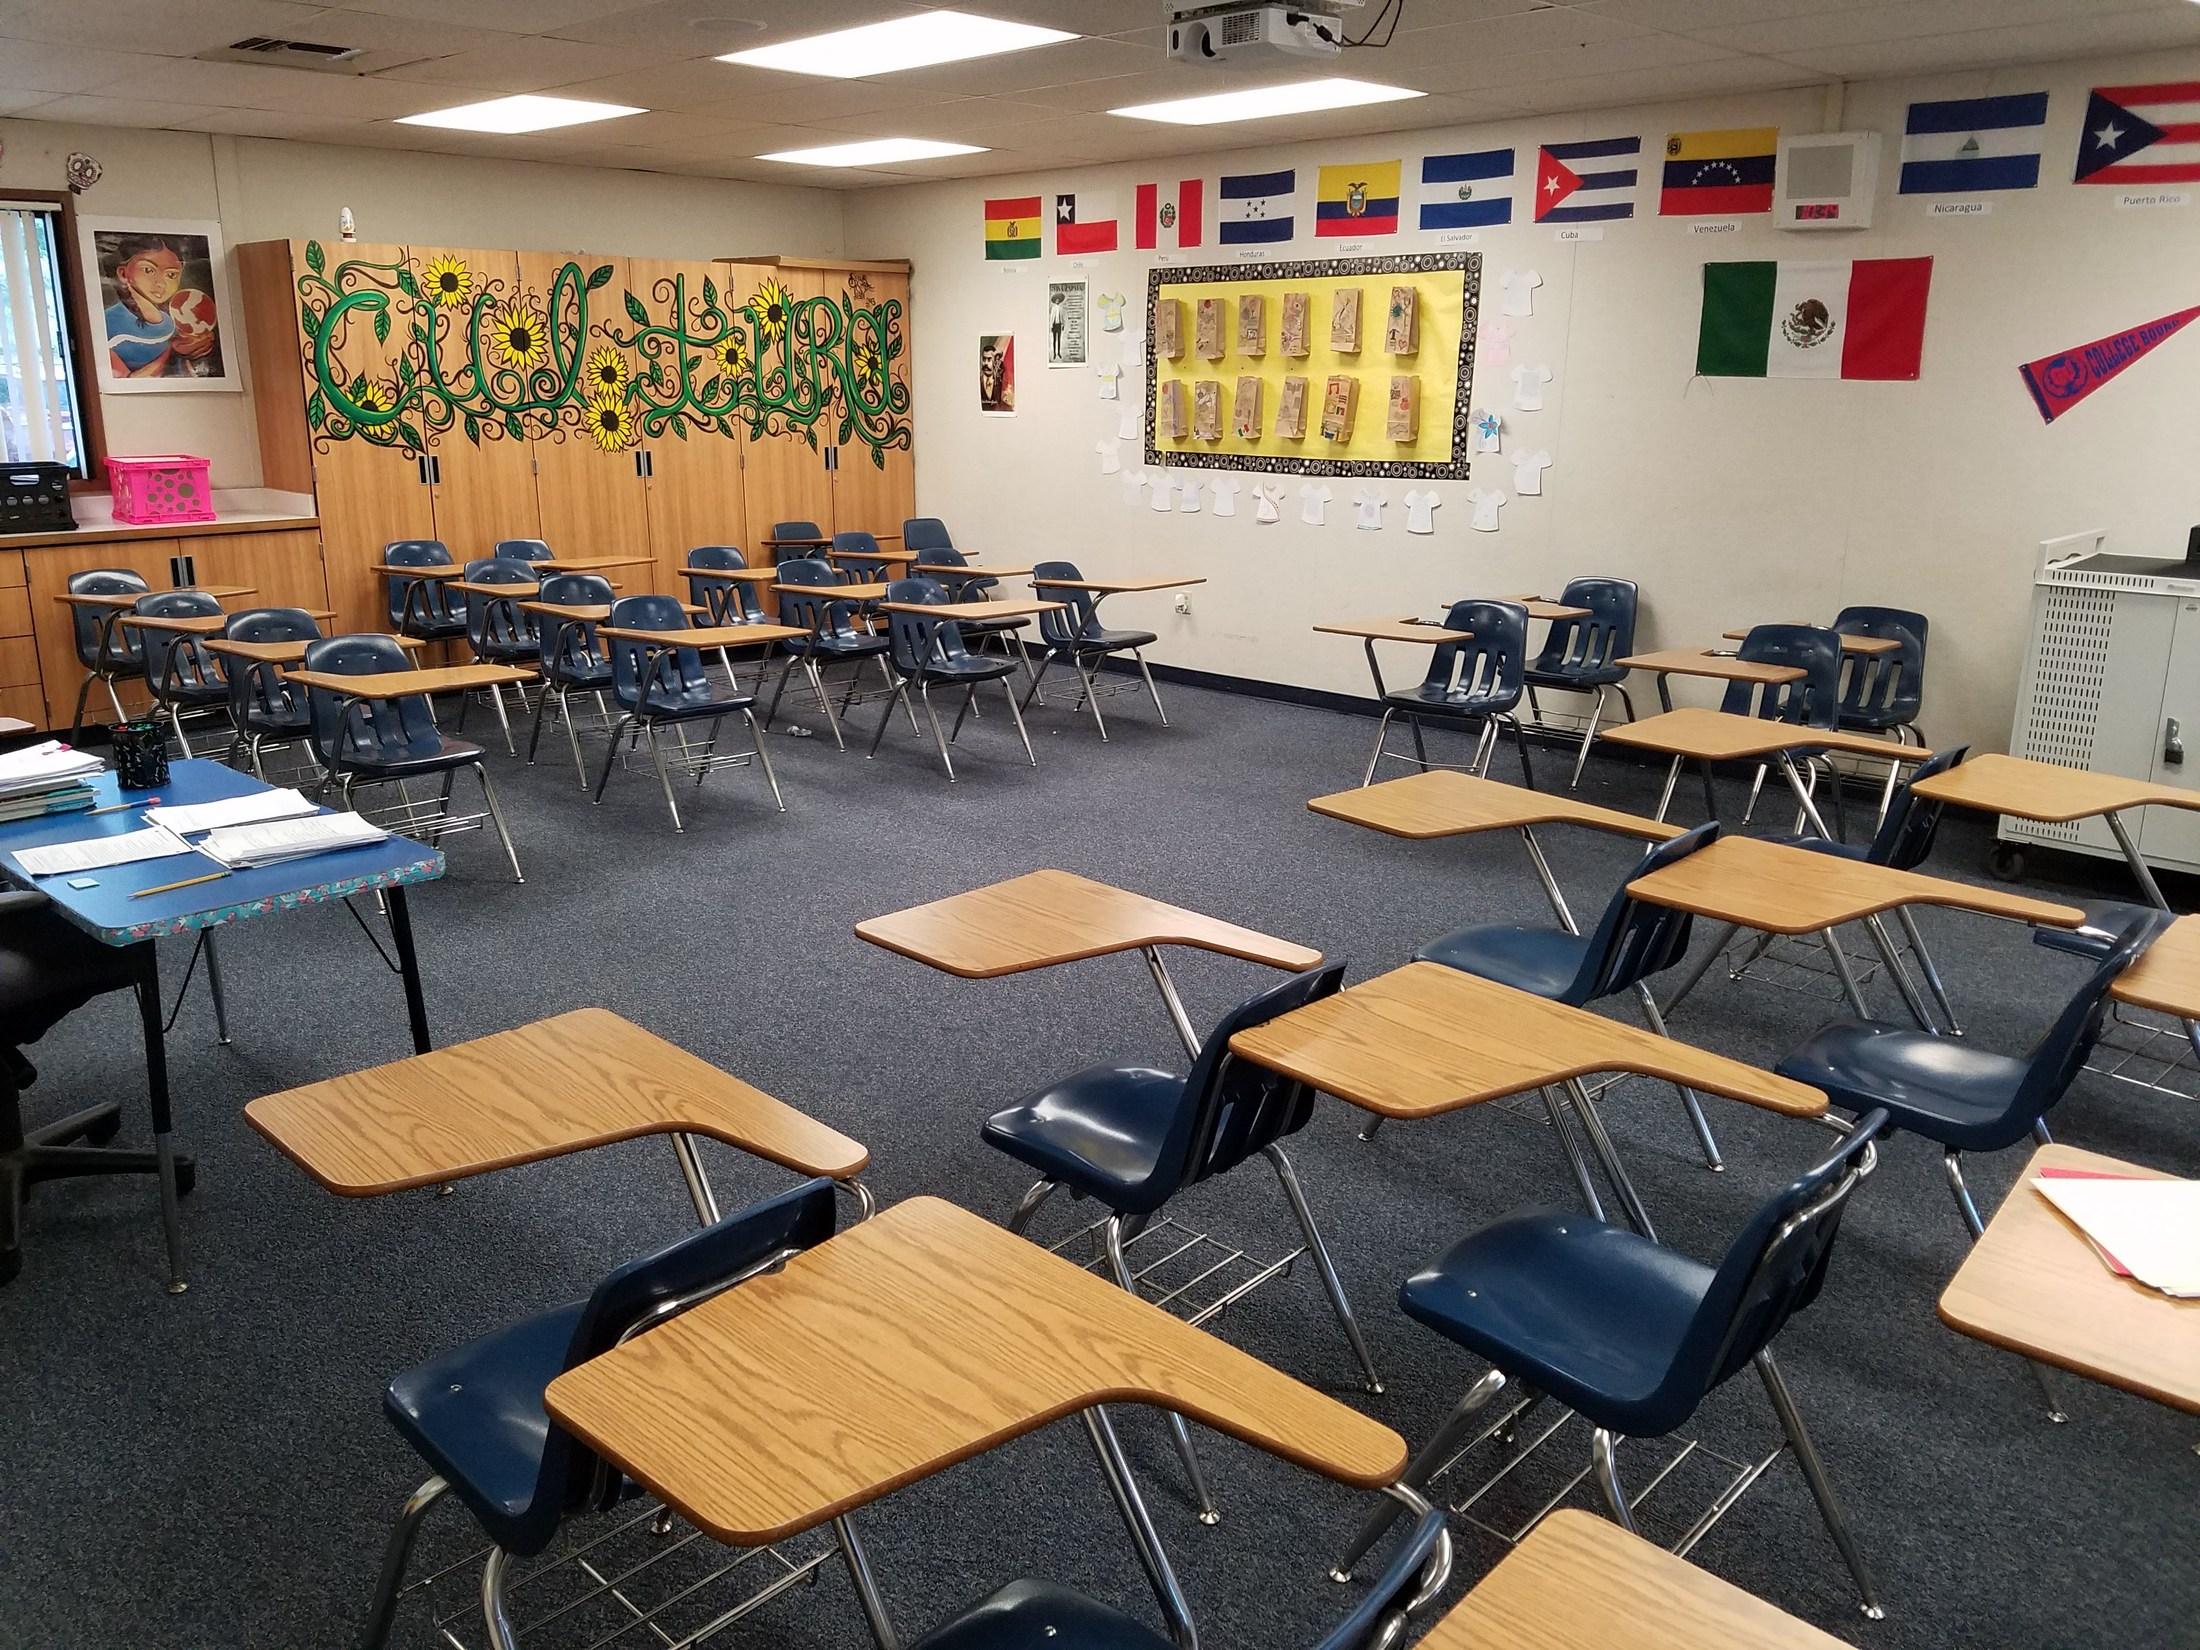 Z Arrangement Classroom Design Disadvantages : High school classroom desk arrangements hostgarcia